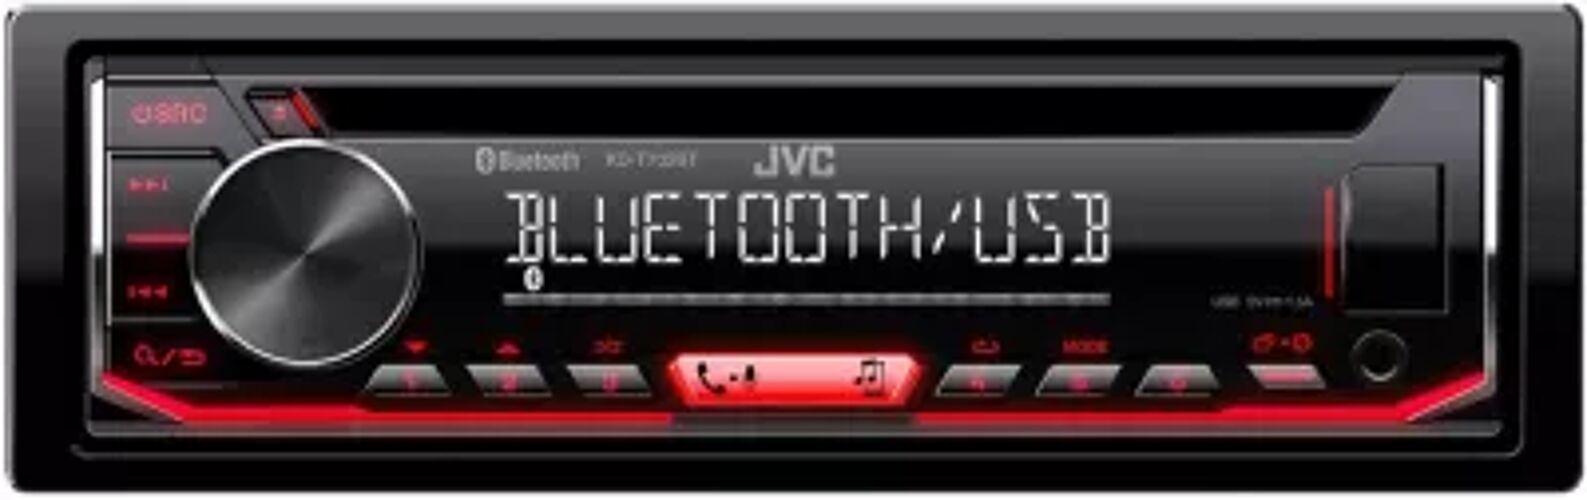 JVC Auto-Radio JVC KD-T702BT